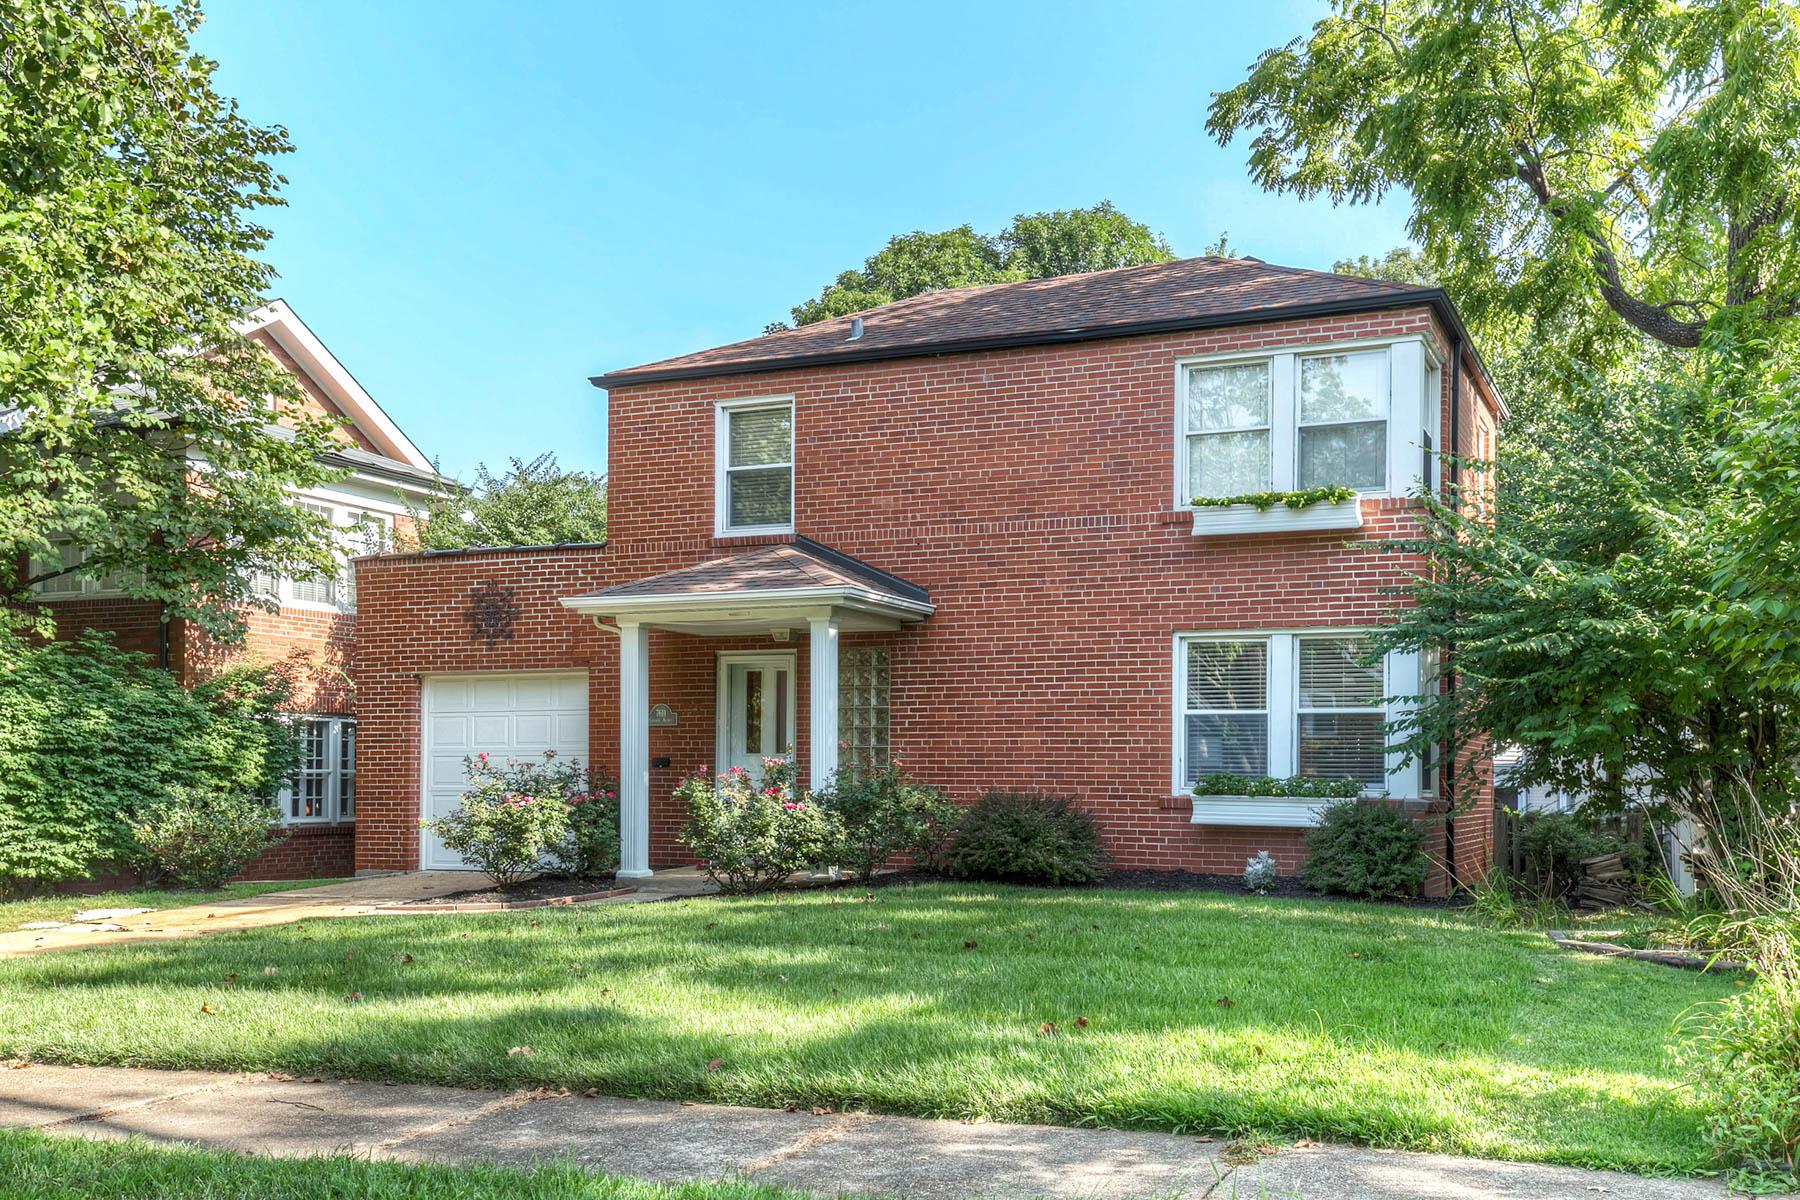 Casa para uma família para Venda às Gannon 7611 Gannon Ave University City, Missouri 63130 Estados Unidos